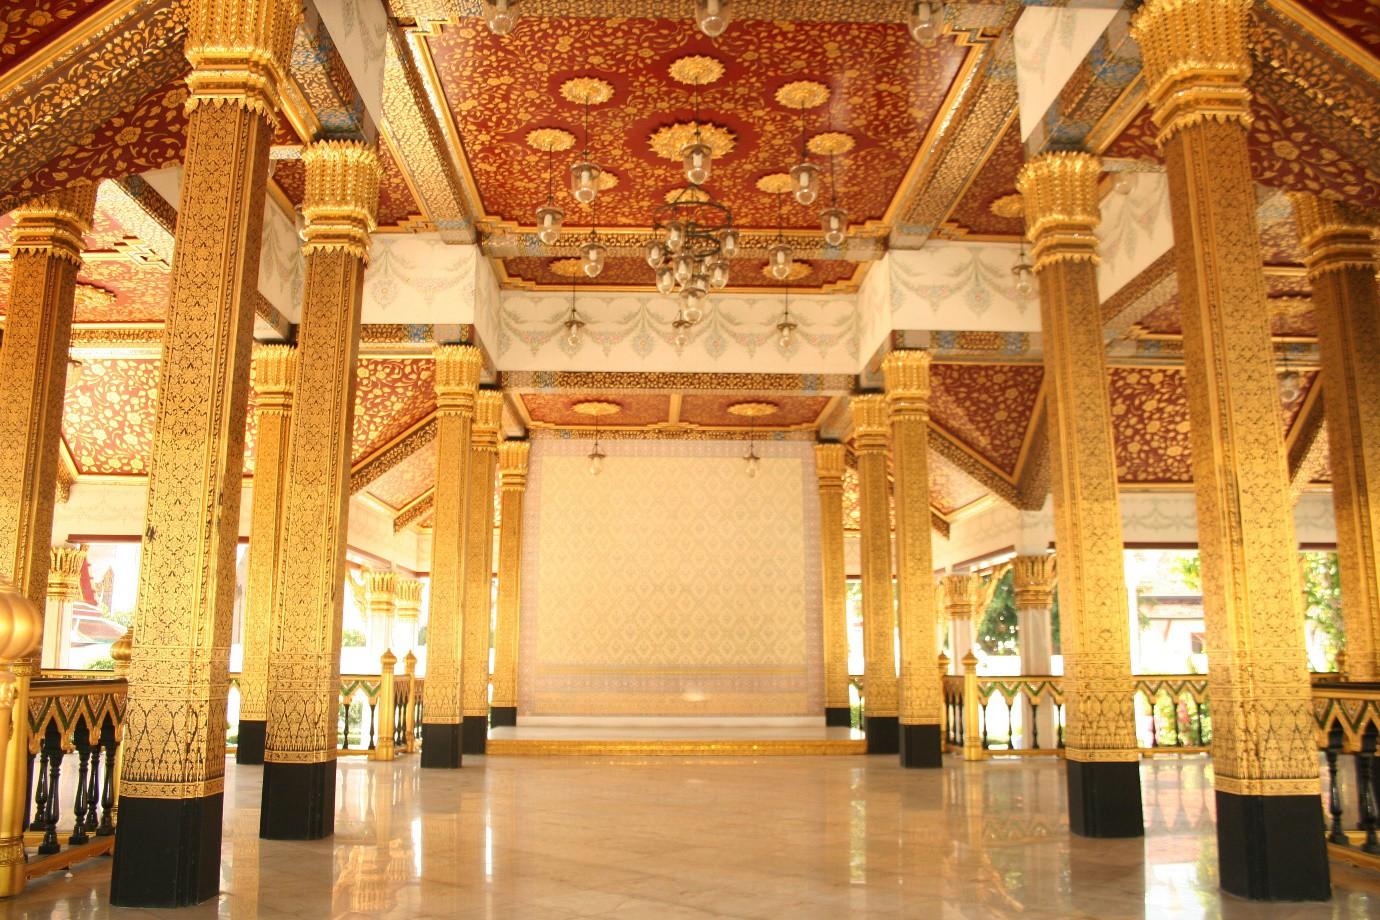 Đến Bangkok nhất định phải ghé thăm 3 cung điện siêu thực này - Ảnh 9.